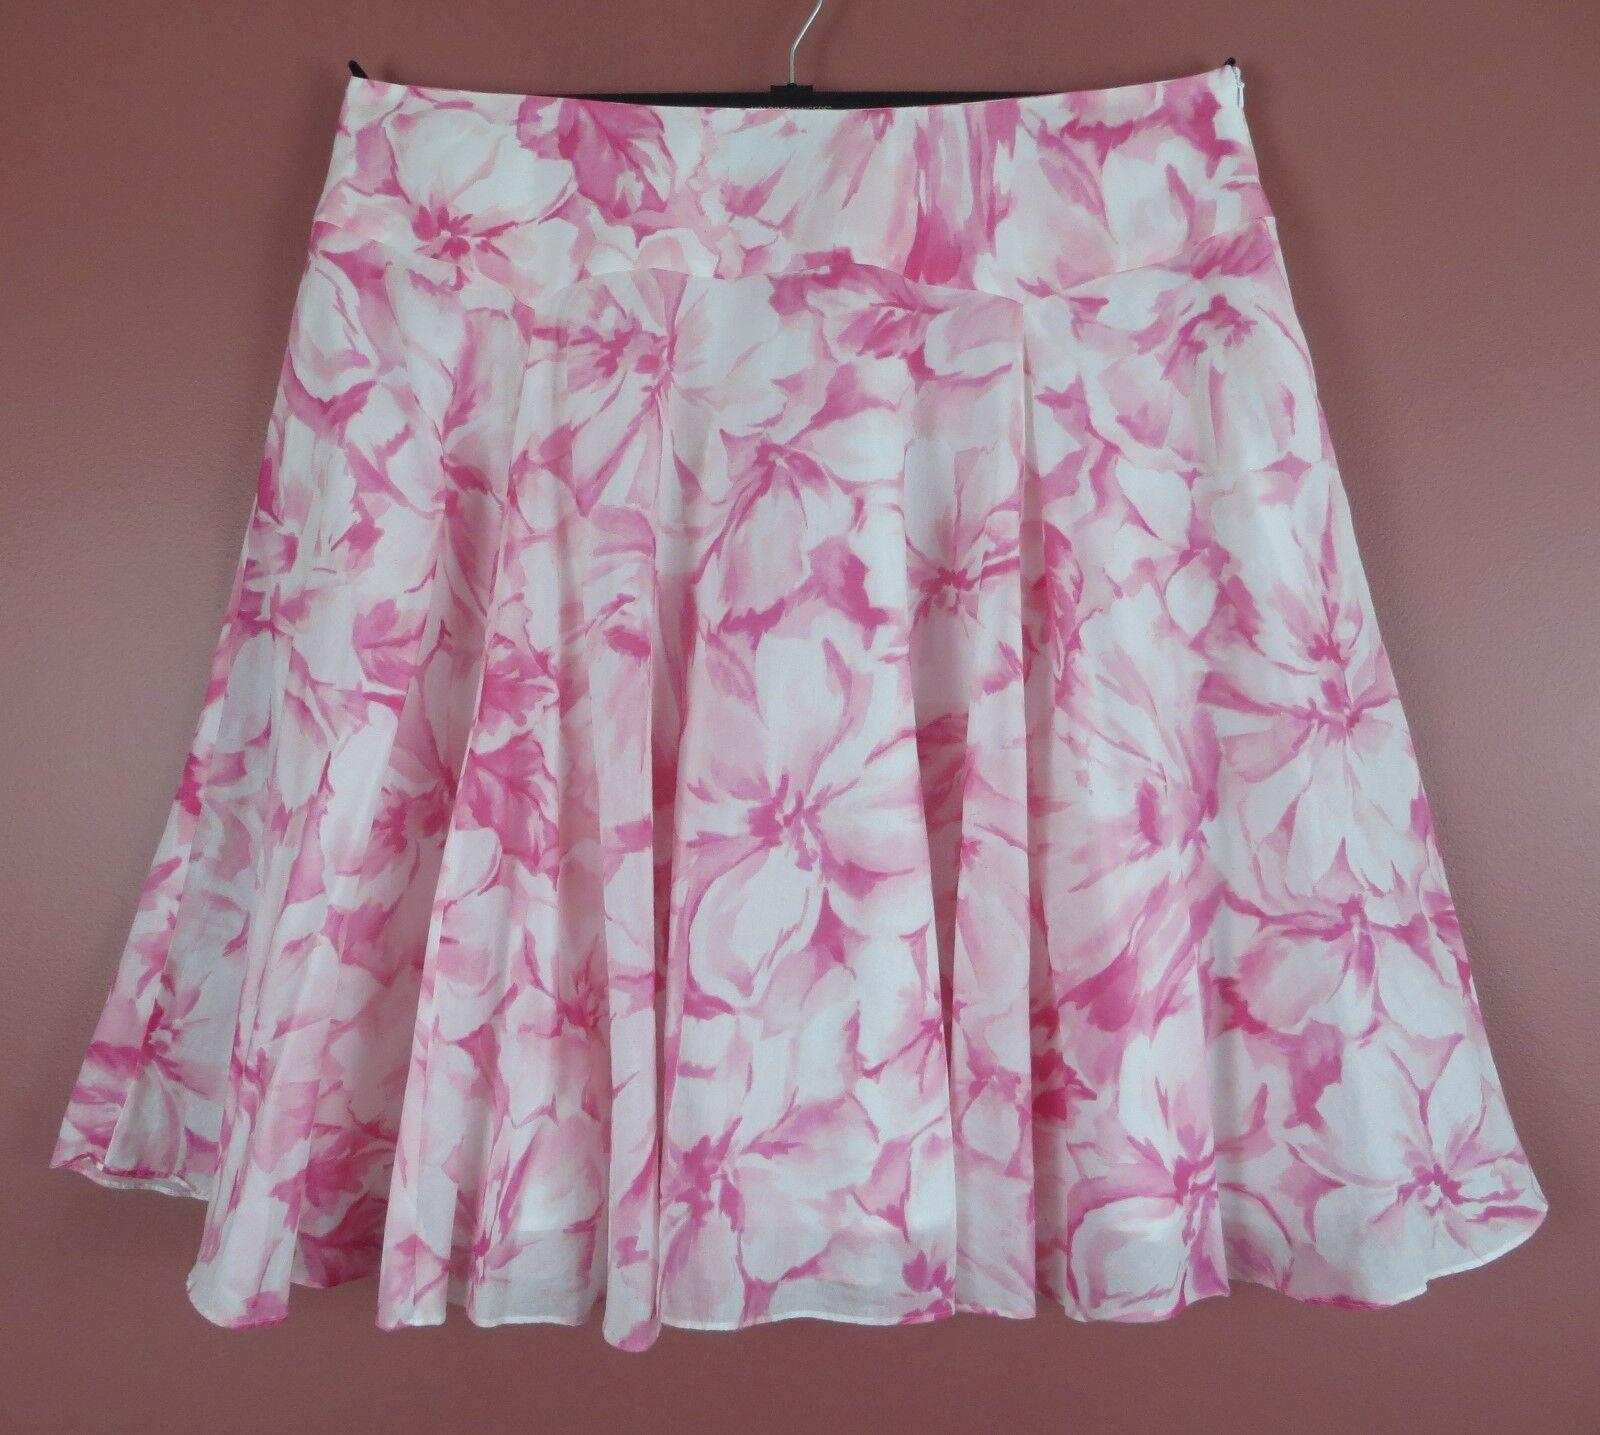 SK13307- JONES NEW YORK Womens Thin Lightweight Cotton Flare Skirt Floral Sz 20W